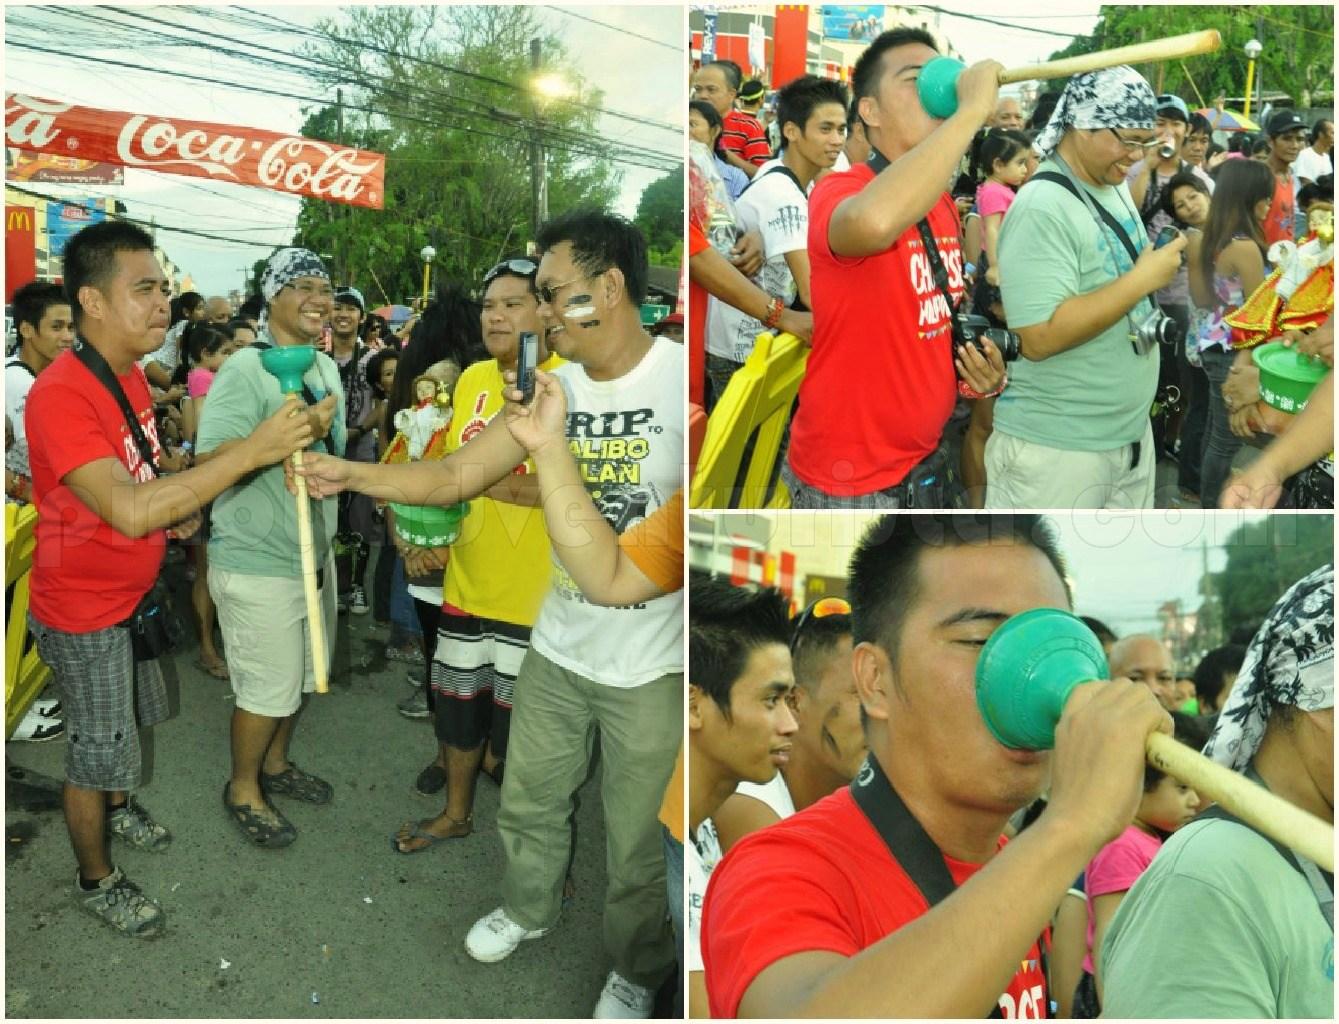 Ang sarap at galing mong mag bj - 2 1